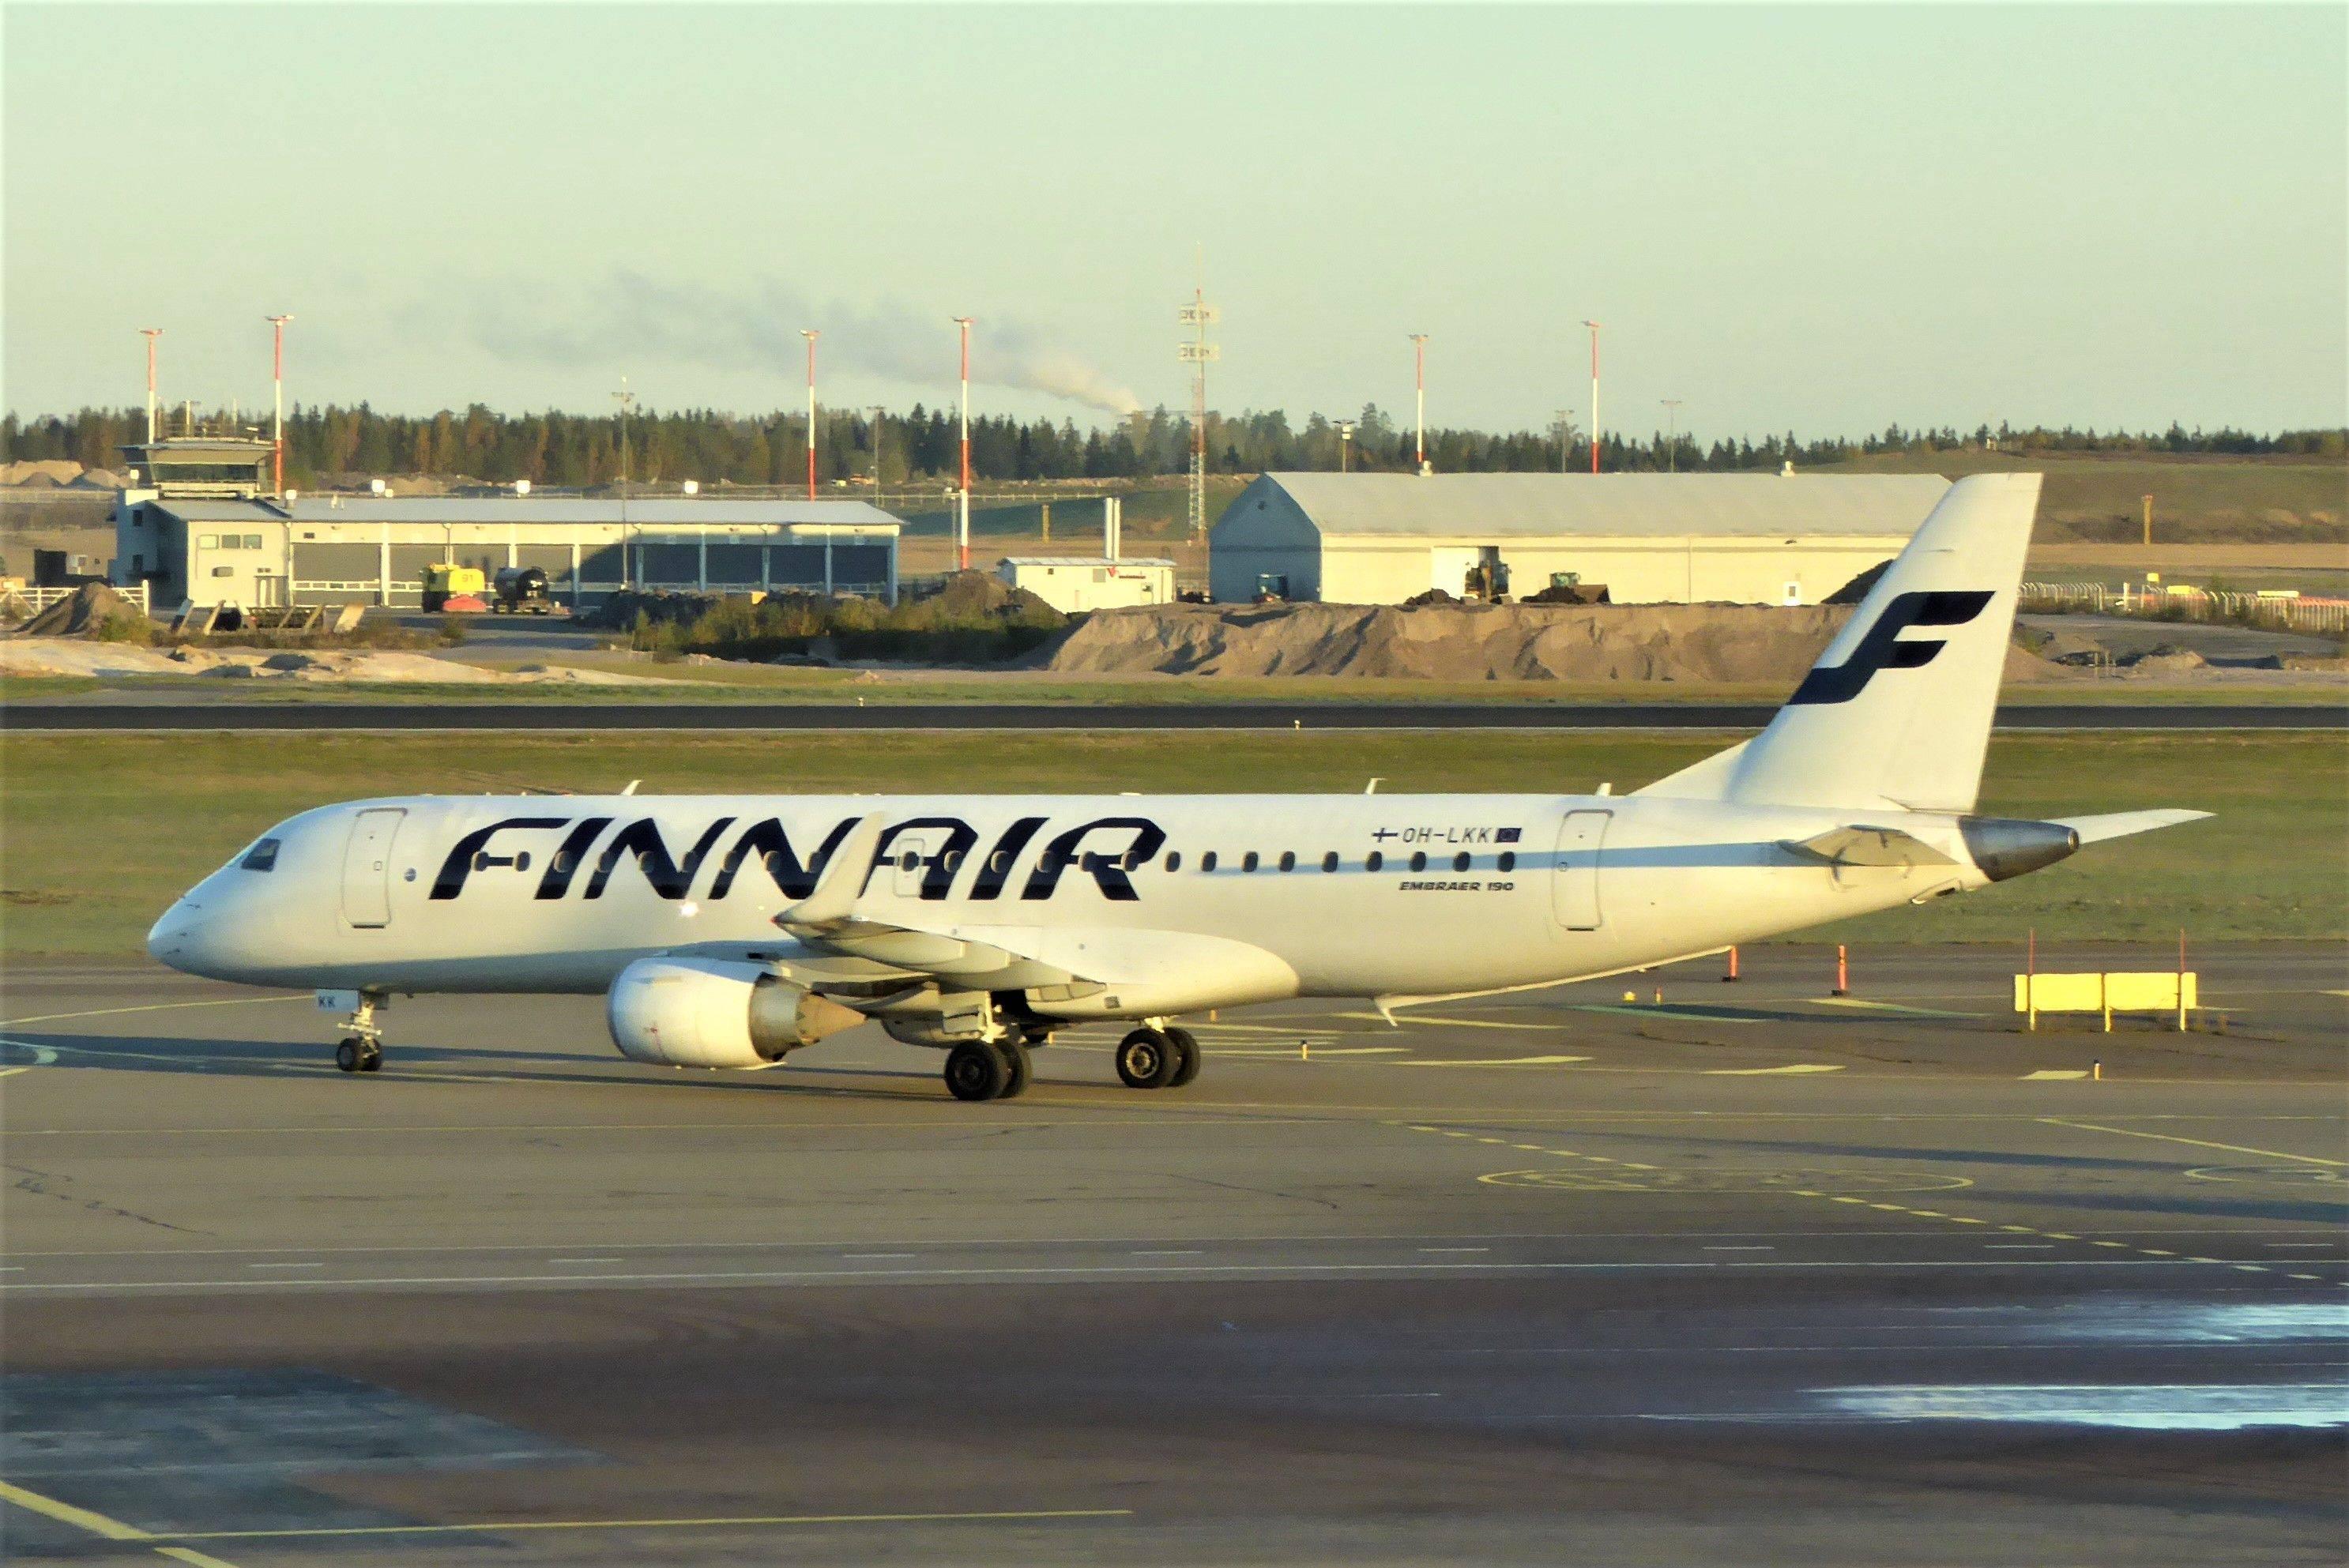 Авиакомпания finnair объявила о возобновлении рейсов в москву и санкт-петербург